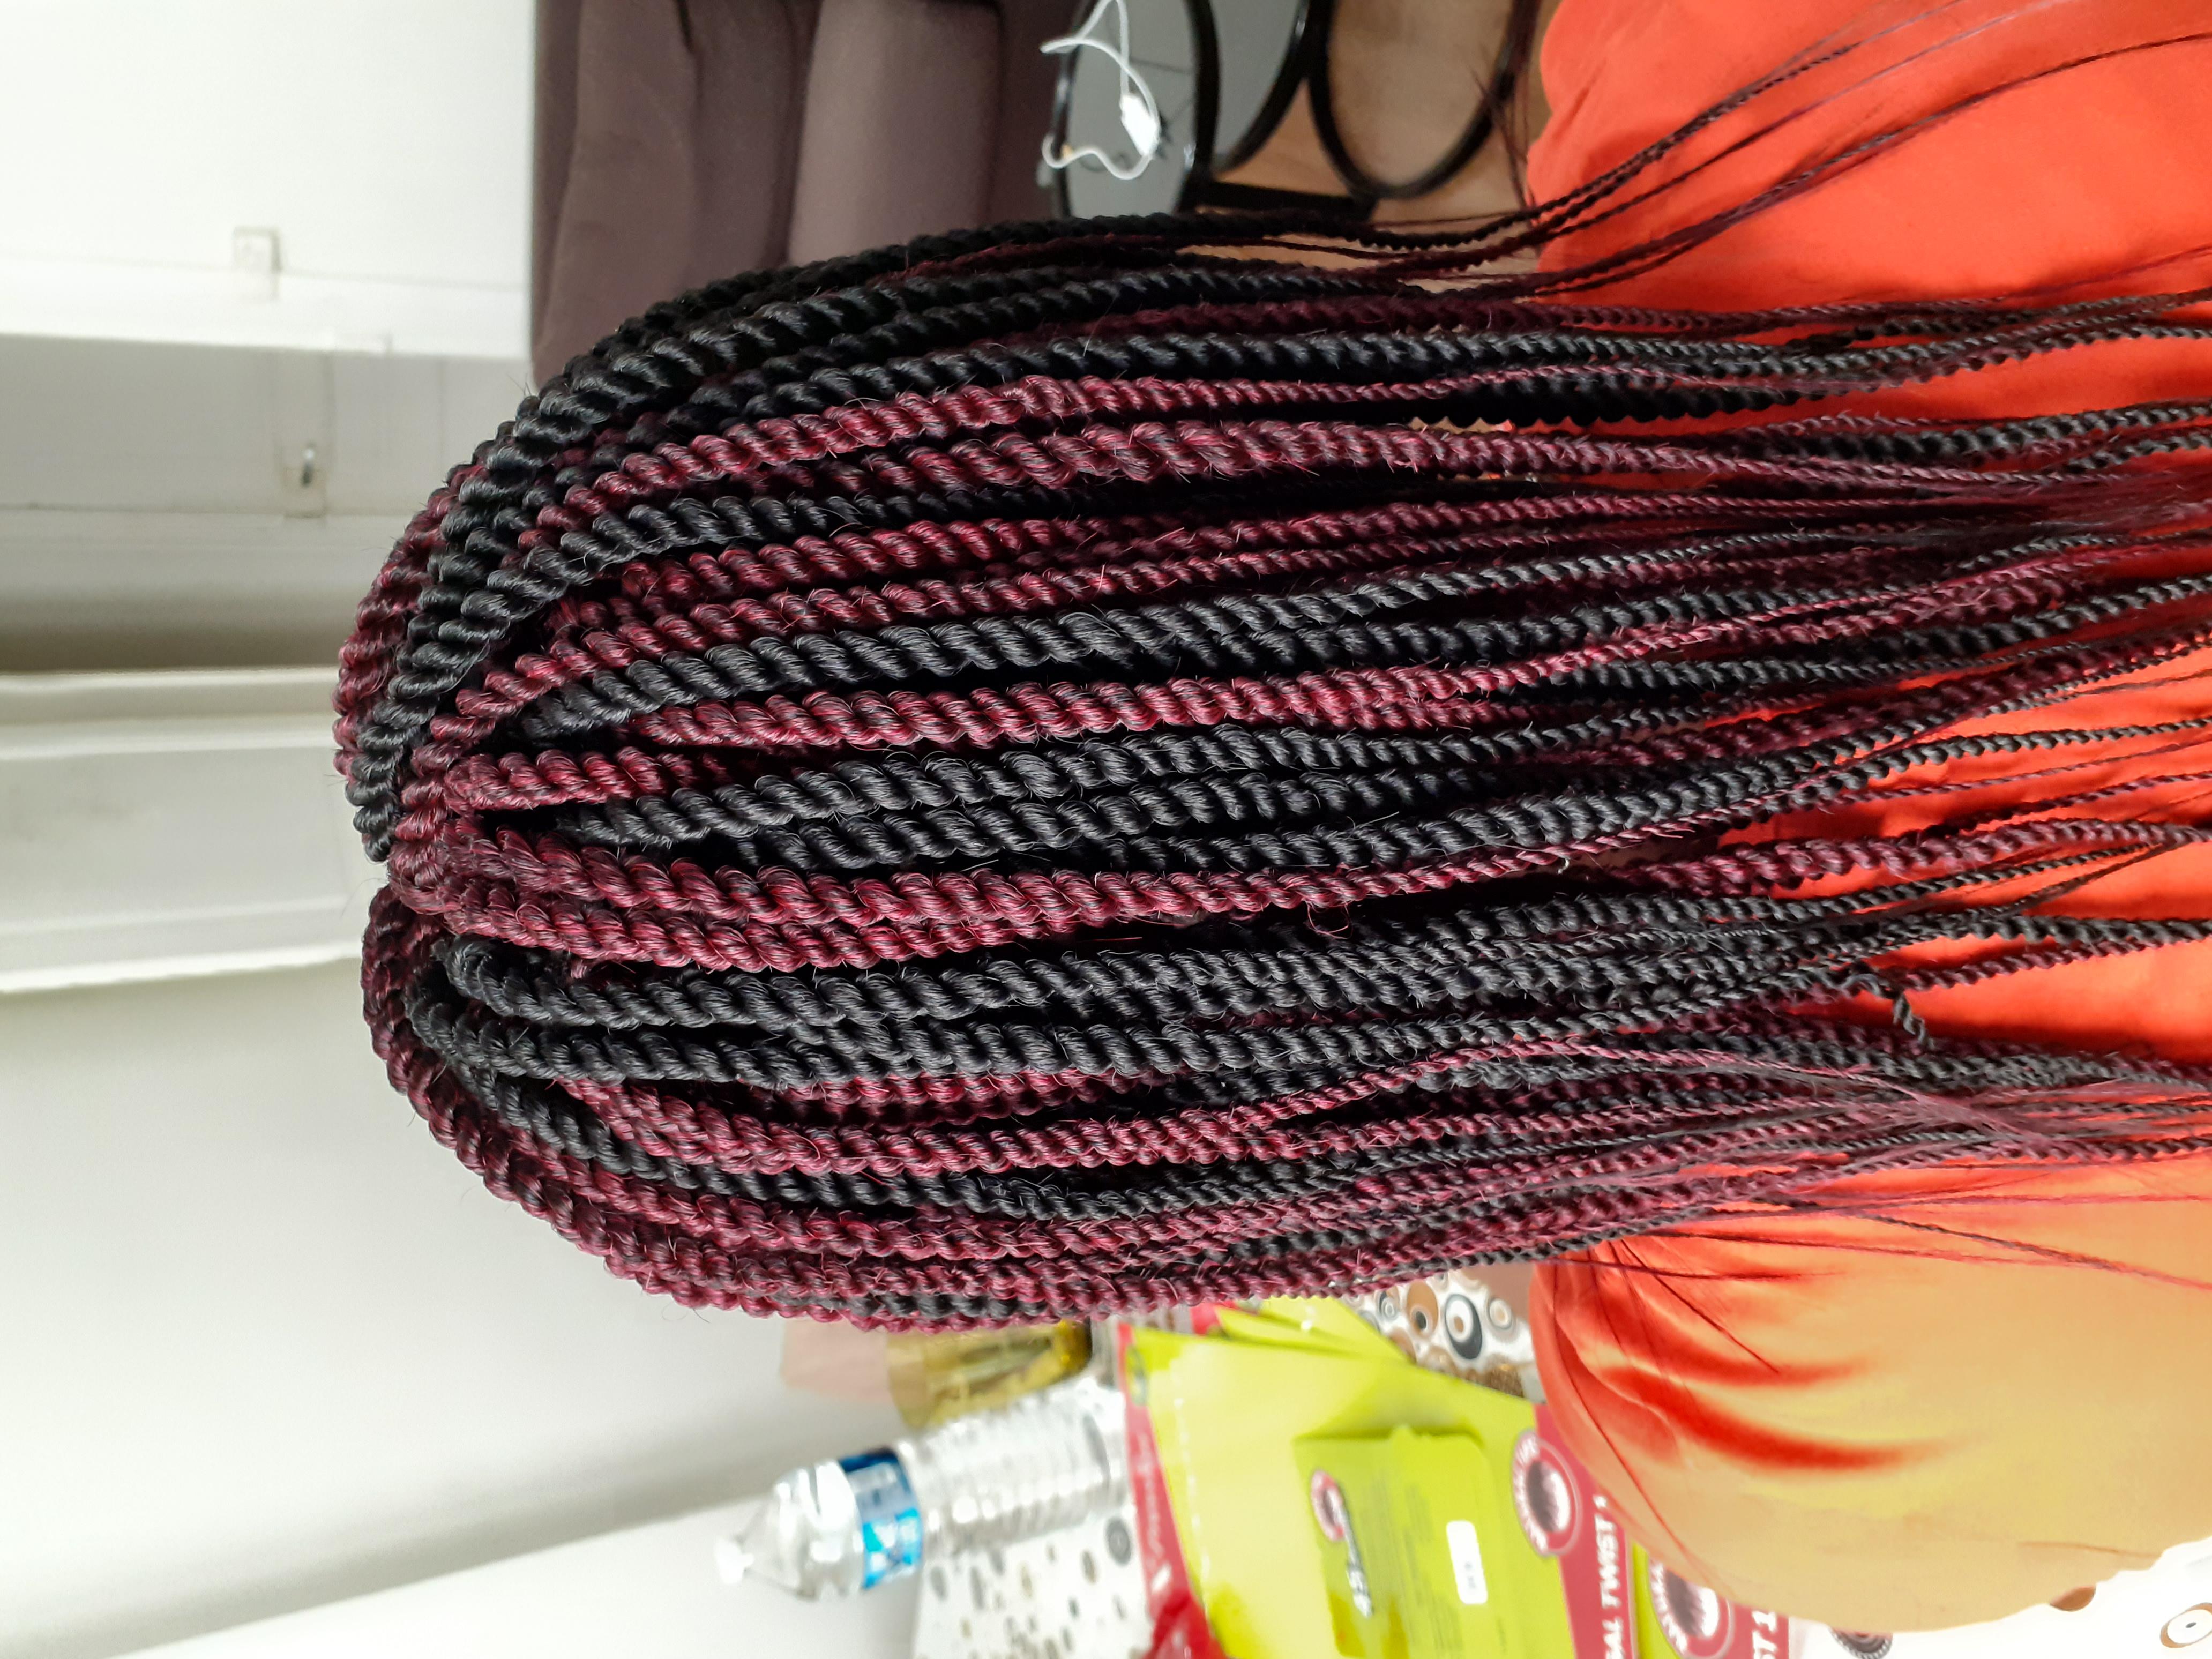 salon de coiffure afro tresse tresses box braids crochet braids vanilles tissages paris 75 77 78 91 92 93 94 95 VFYTTKUR